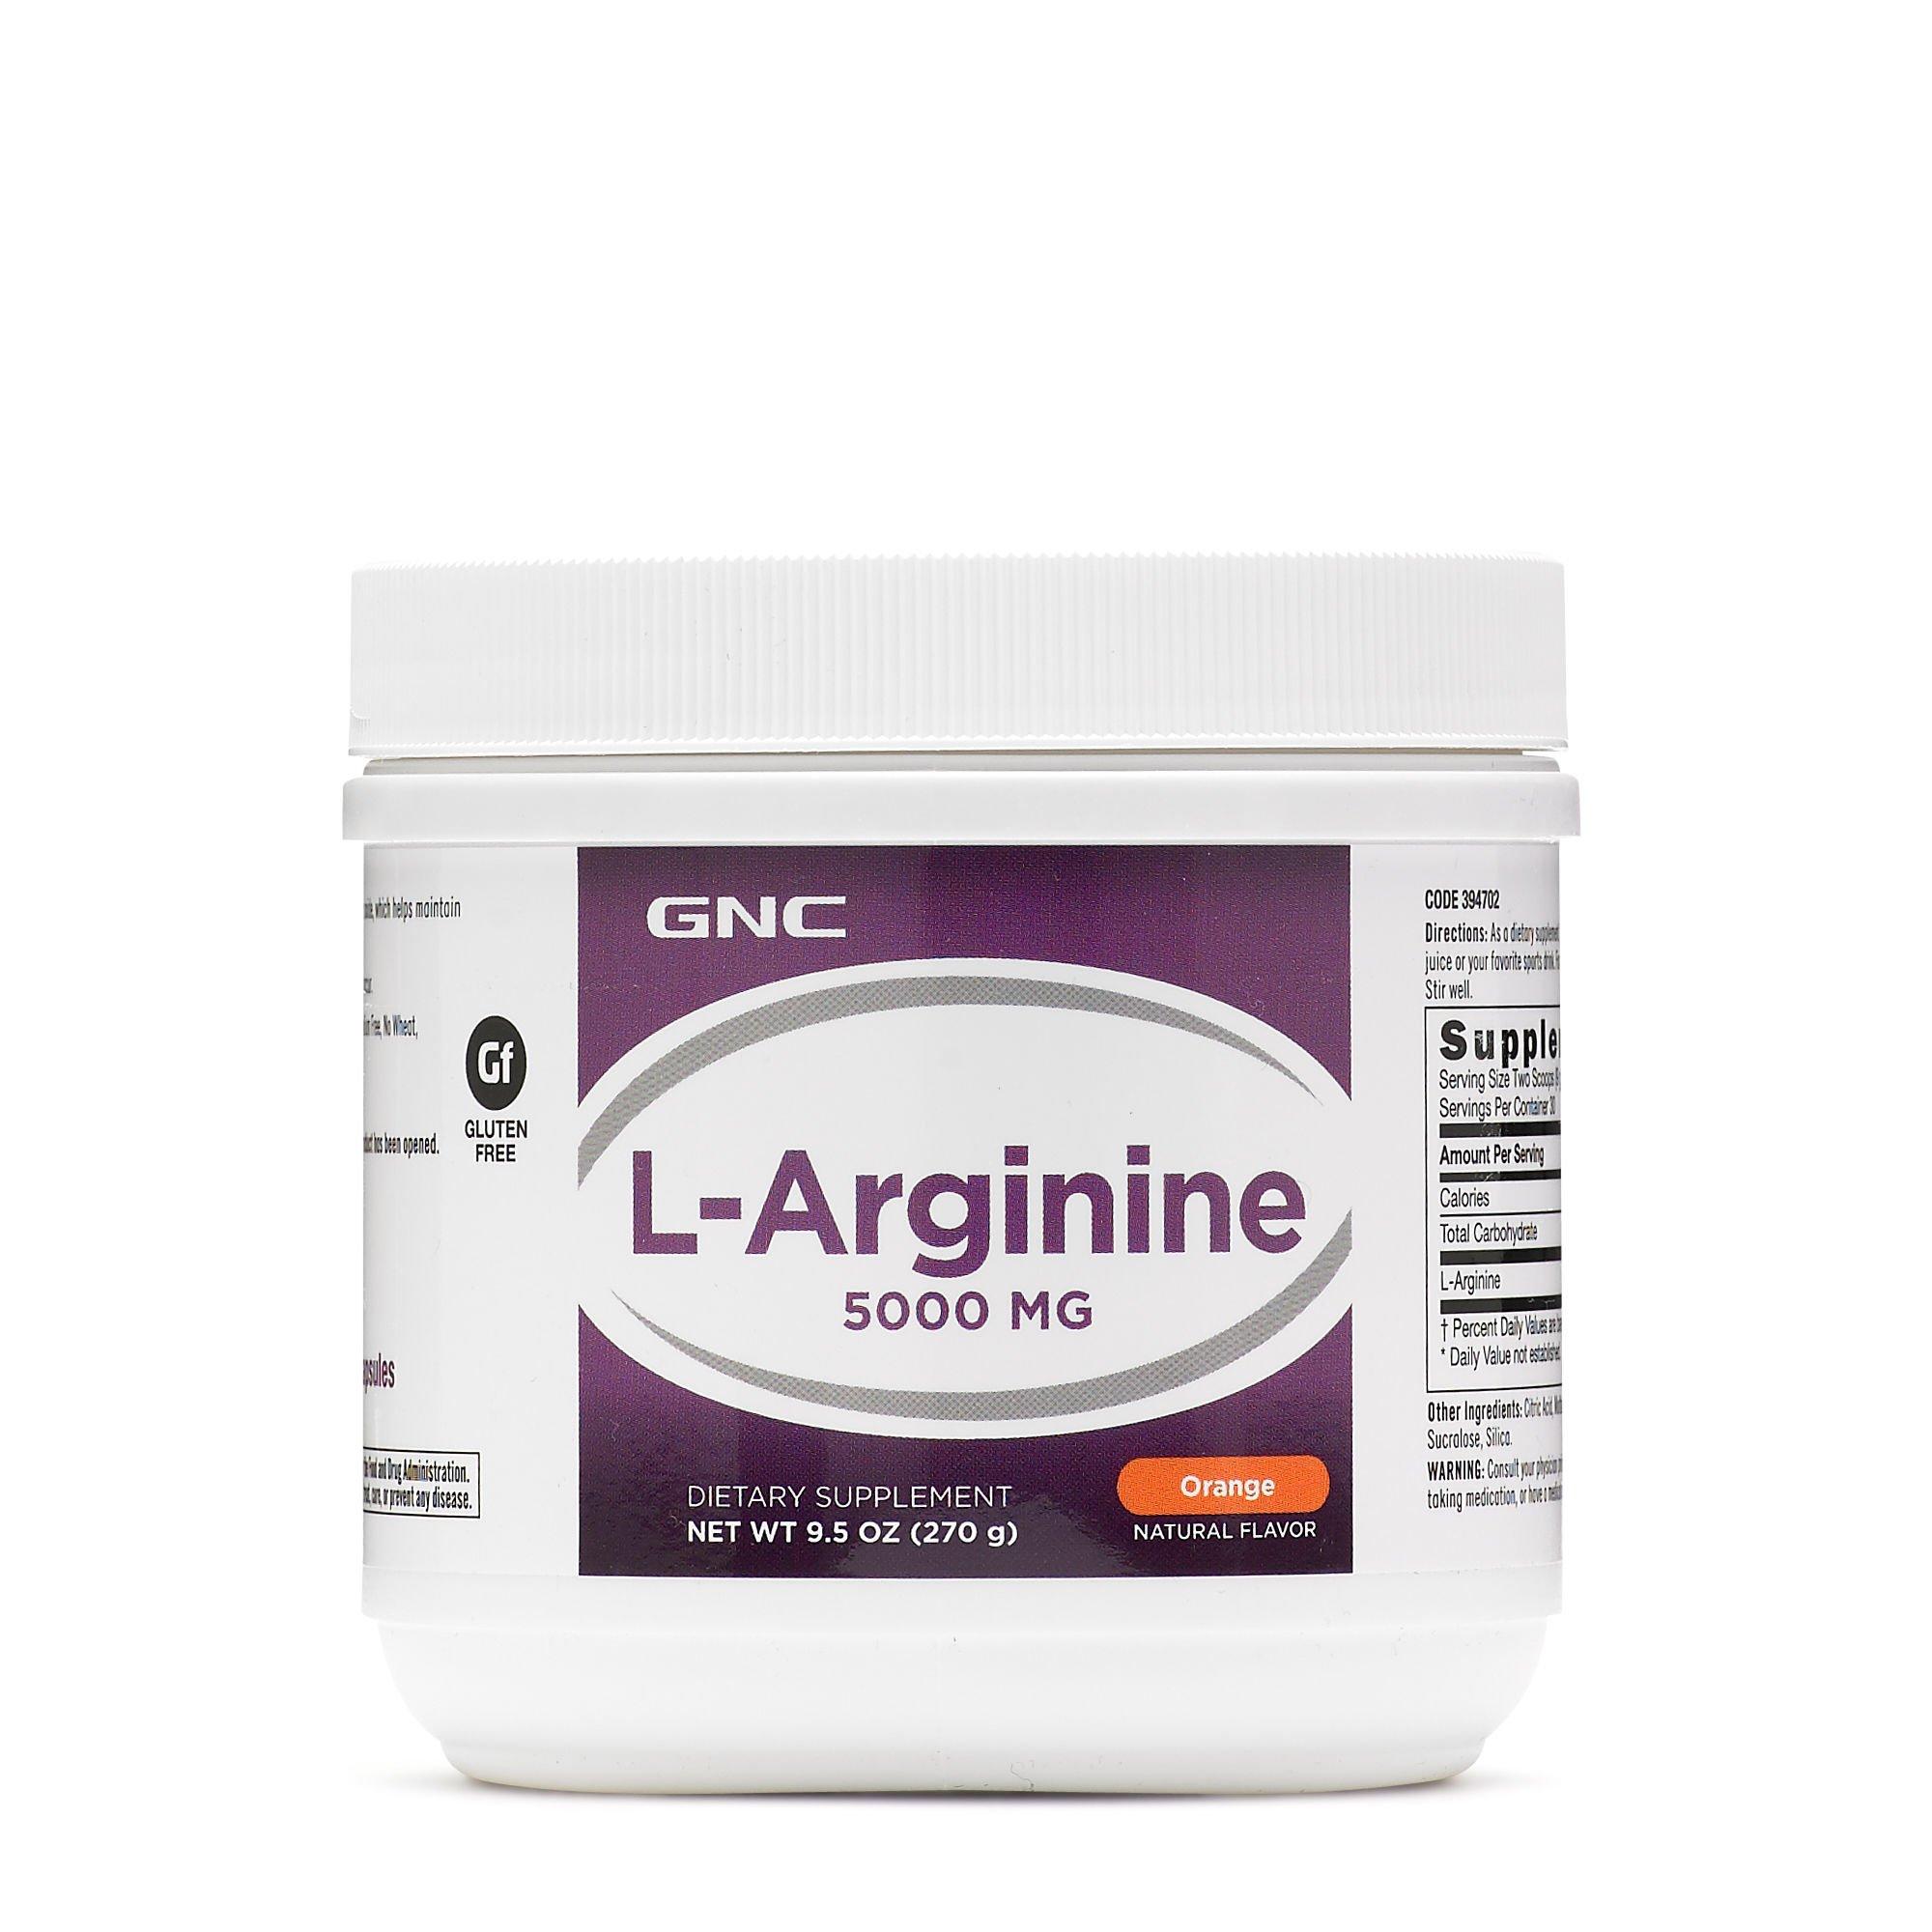 GNC L-Arginine 5000 Milligram Amino Acid for Nitric Oxide Production - Orange